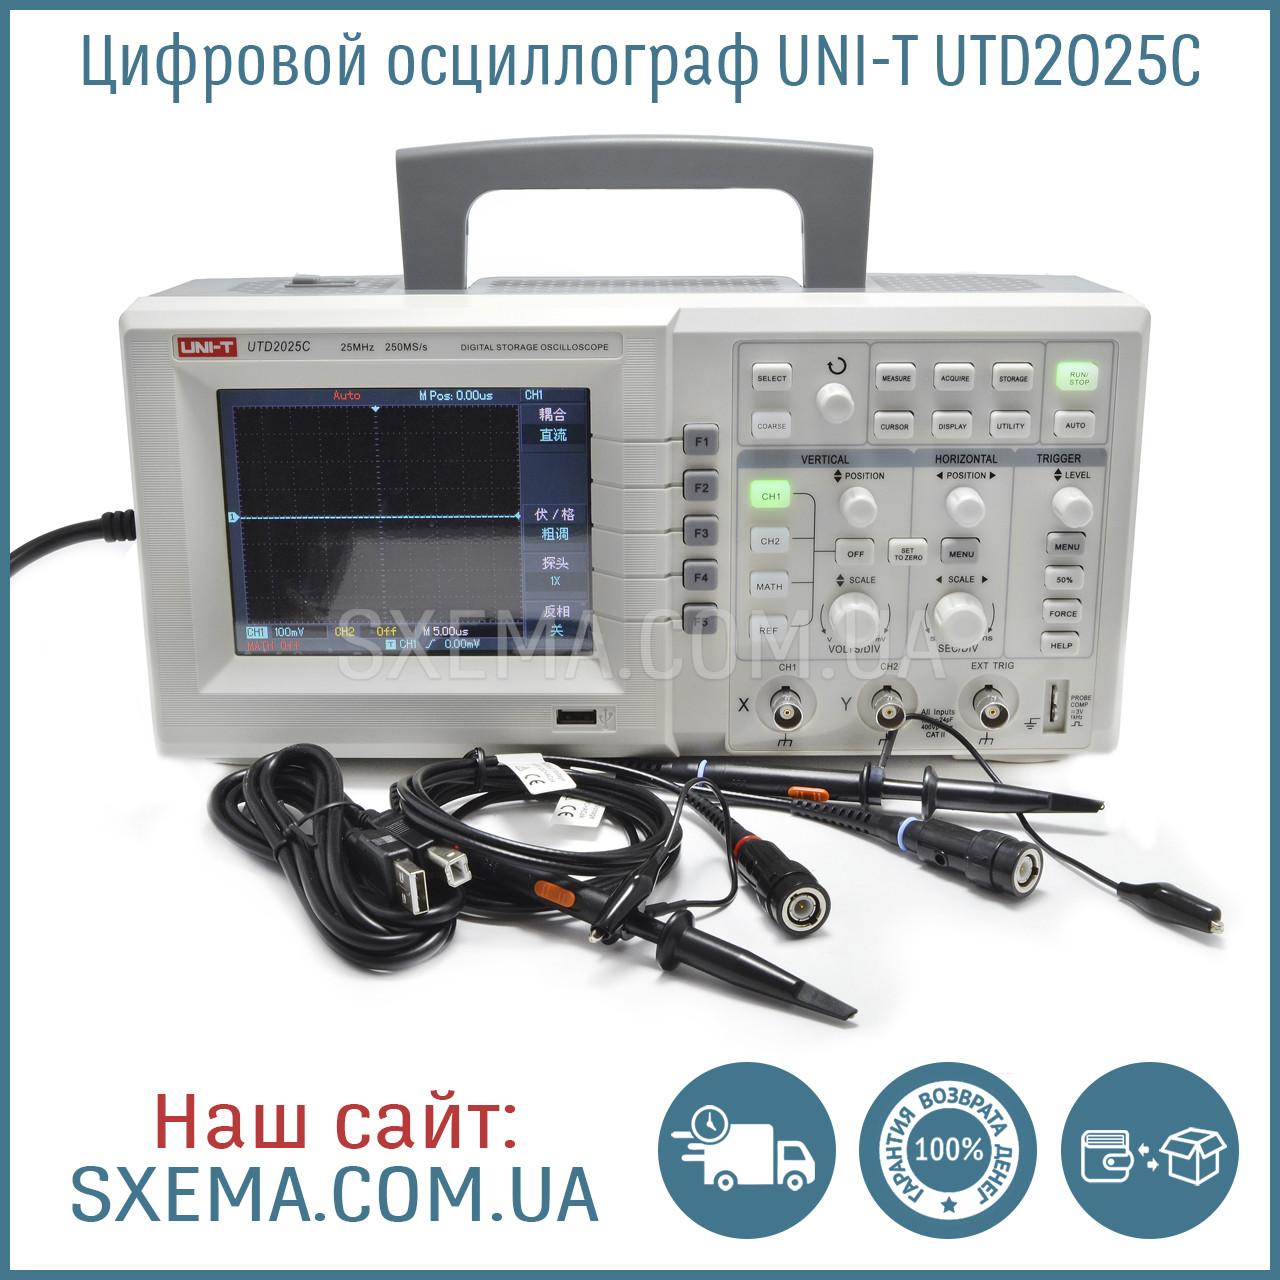 Цифровой осциллограф UNI-T UTD2025C полоса пропускания 25Мгц, Экран 5.7 дюймов